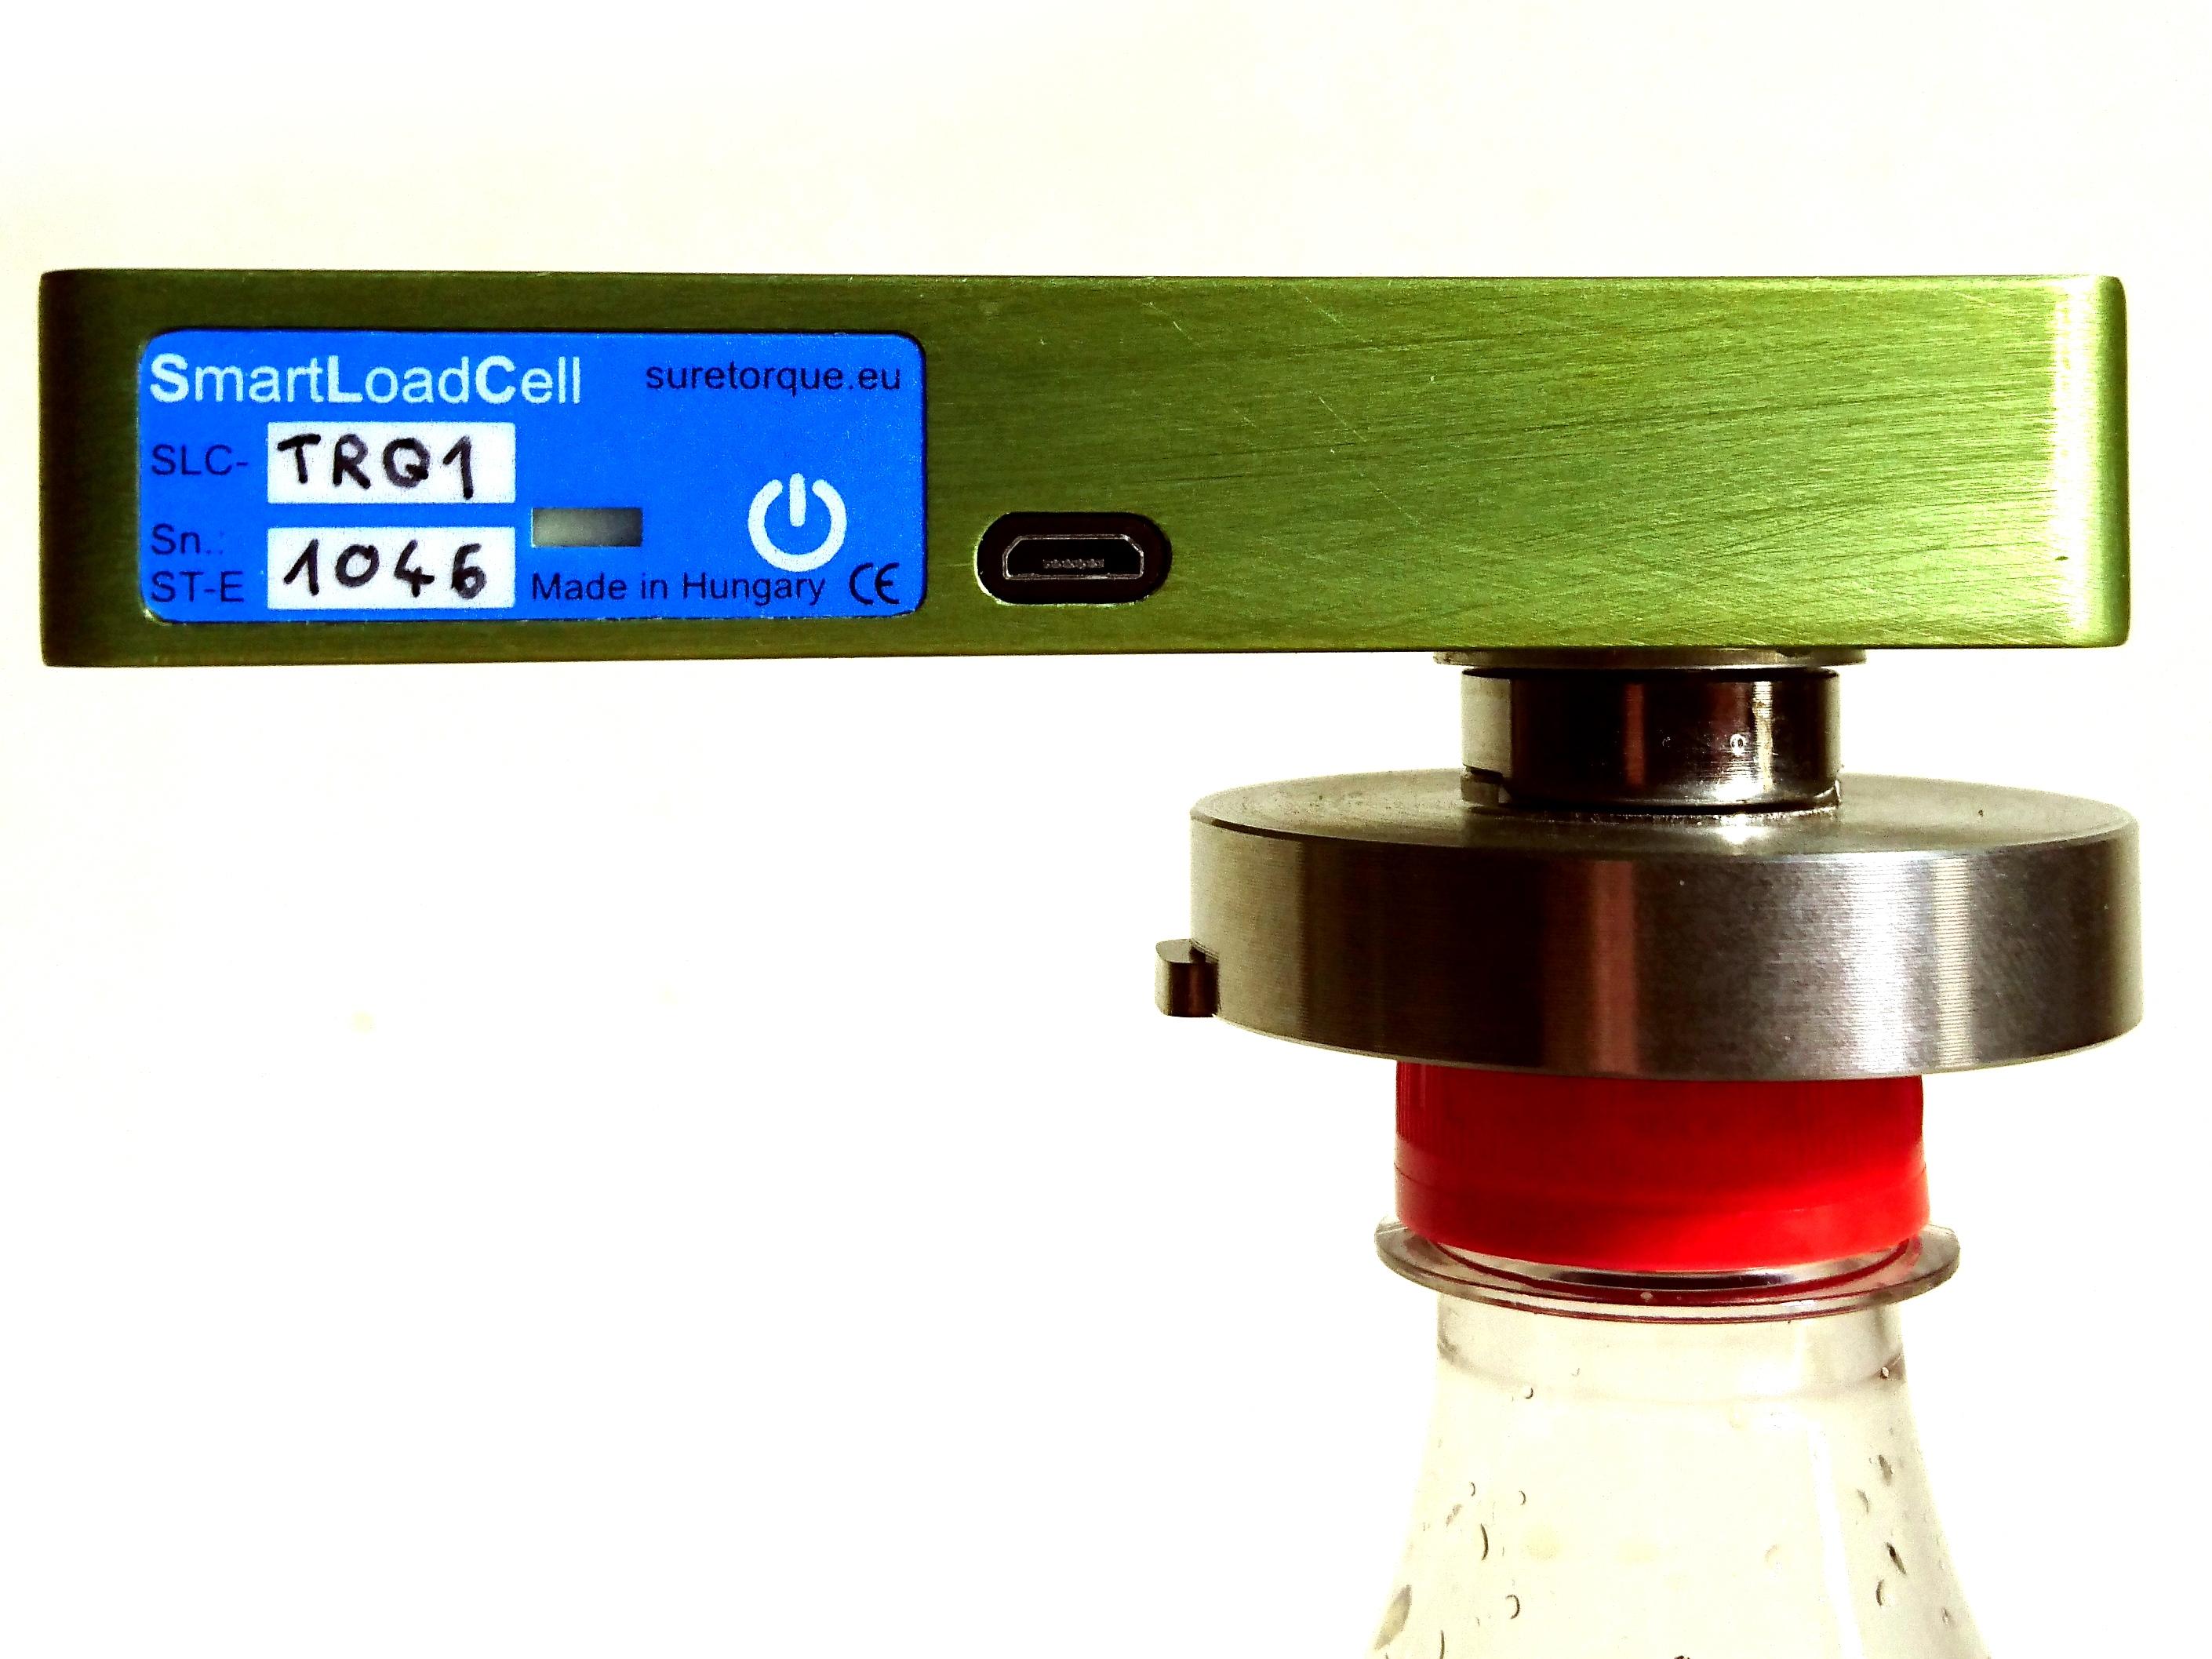 Cap torque tester - TRQ1